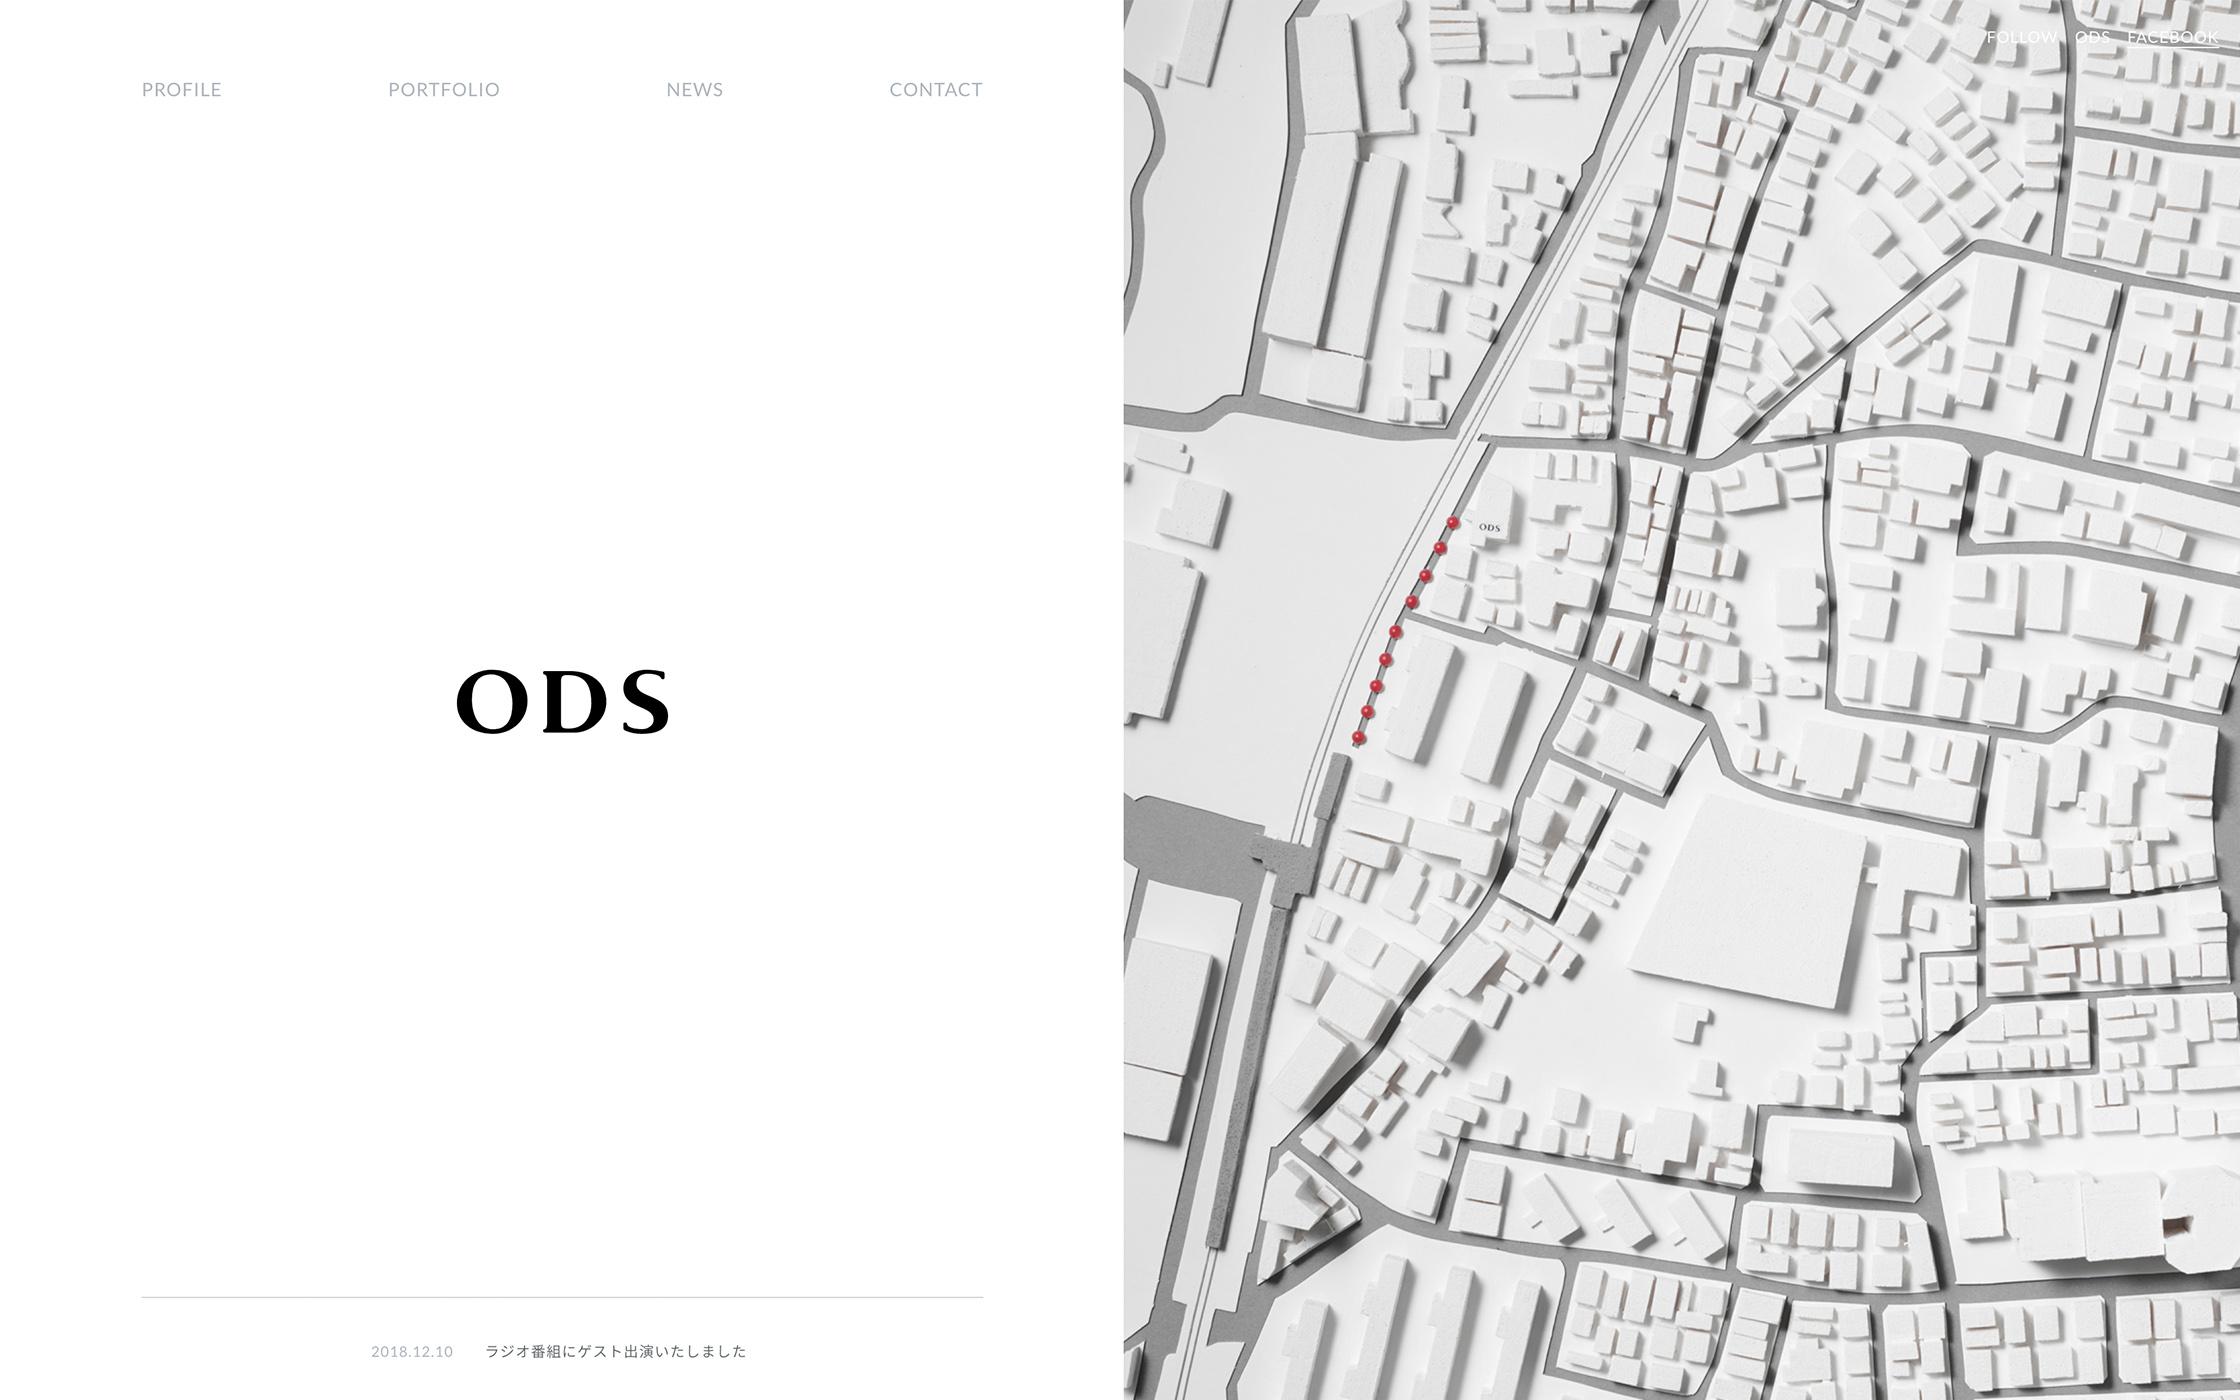 鬼木设计工作室(ODS)网站